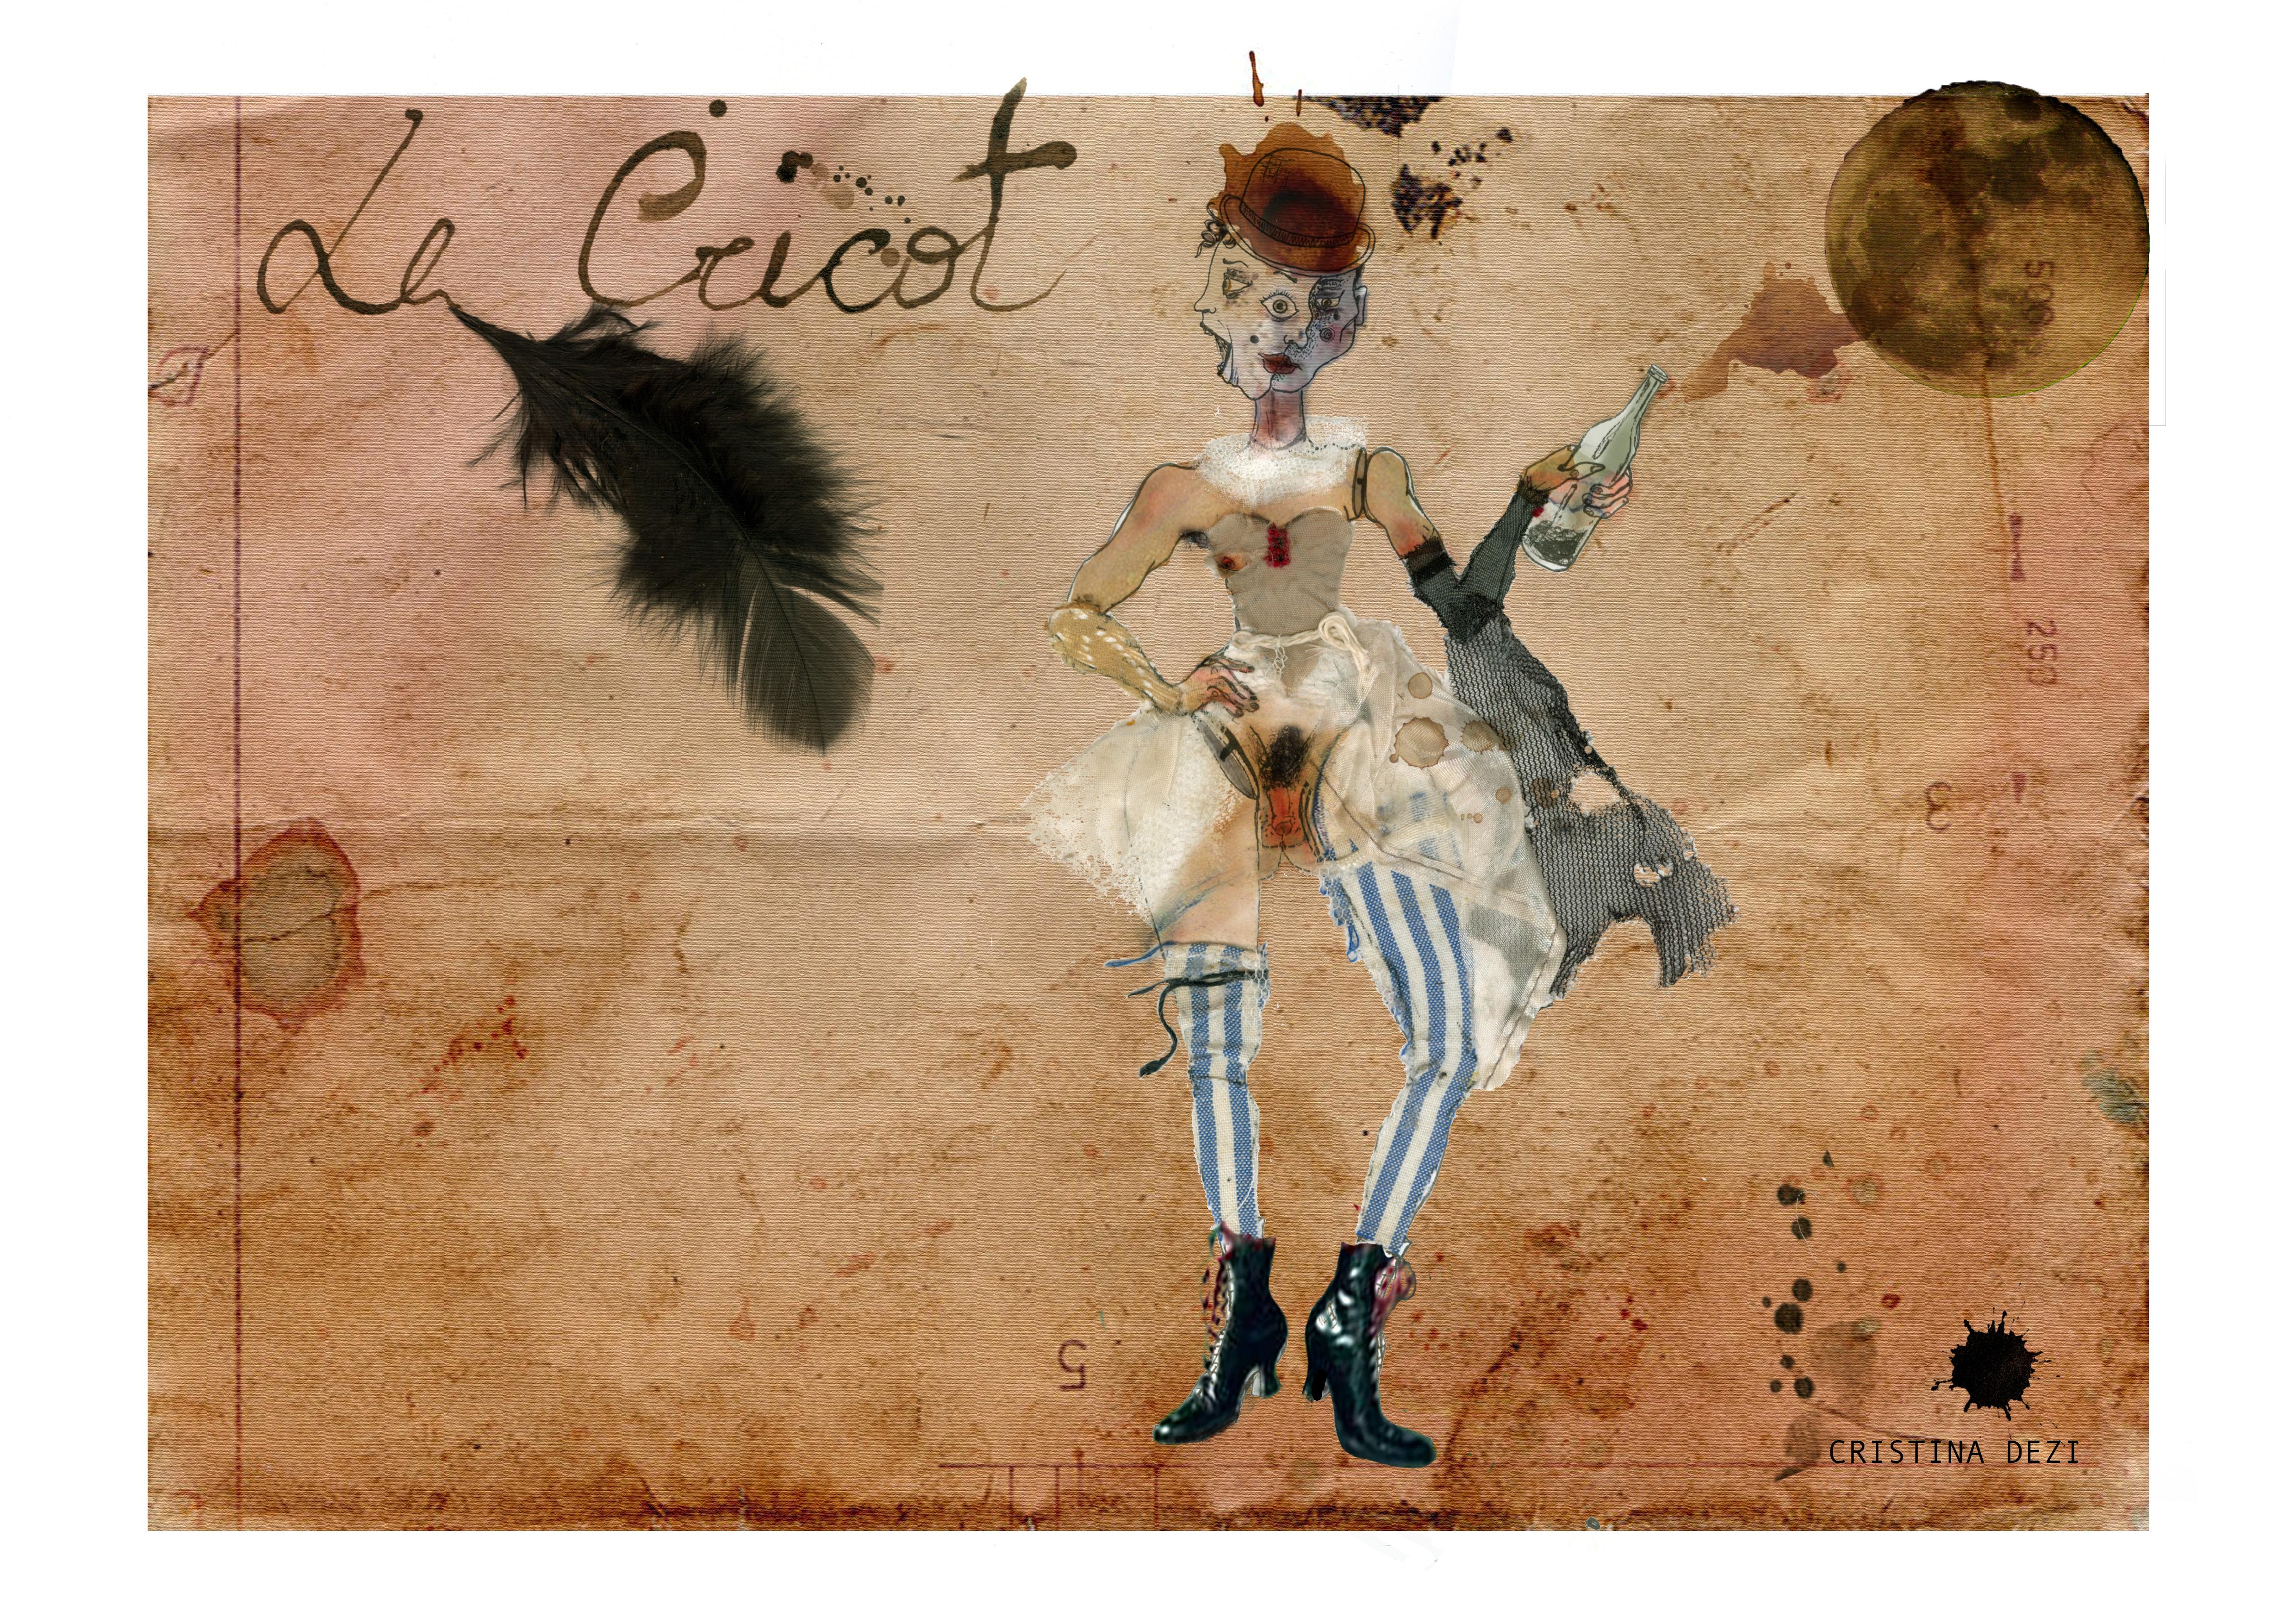 Le cricot